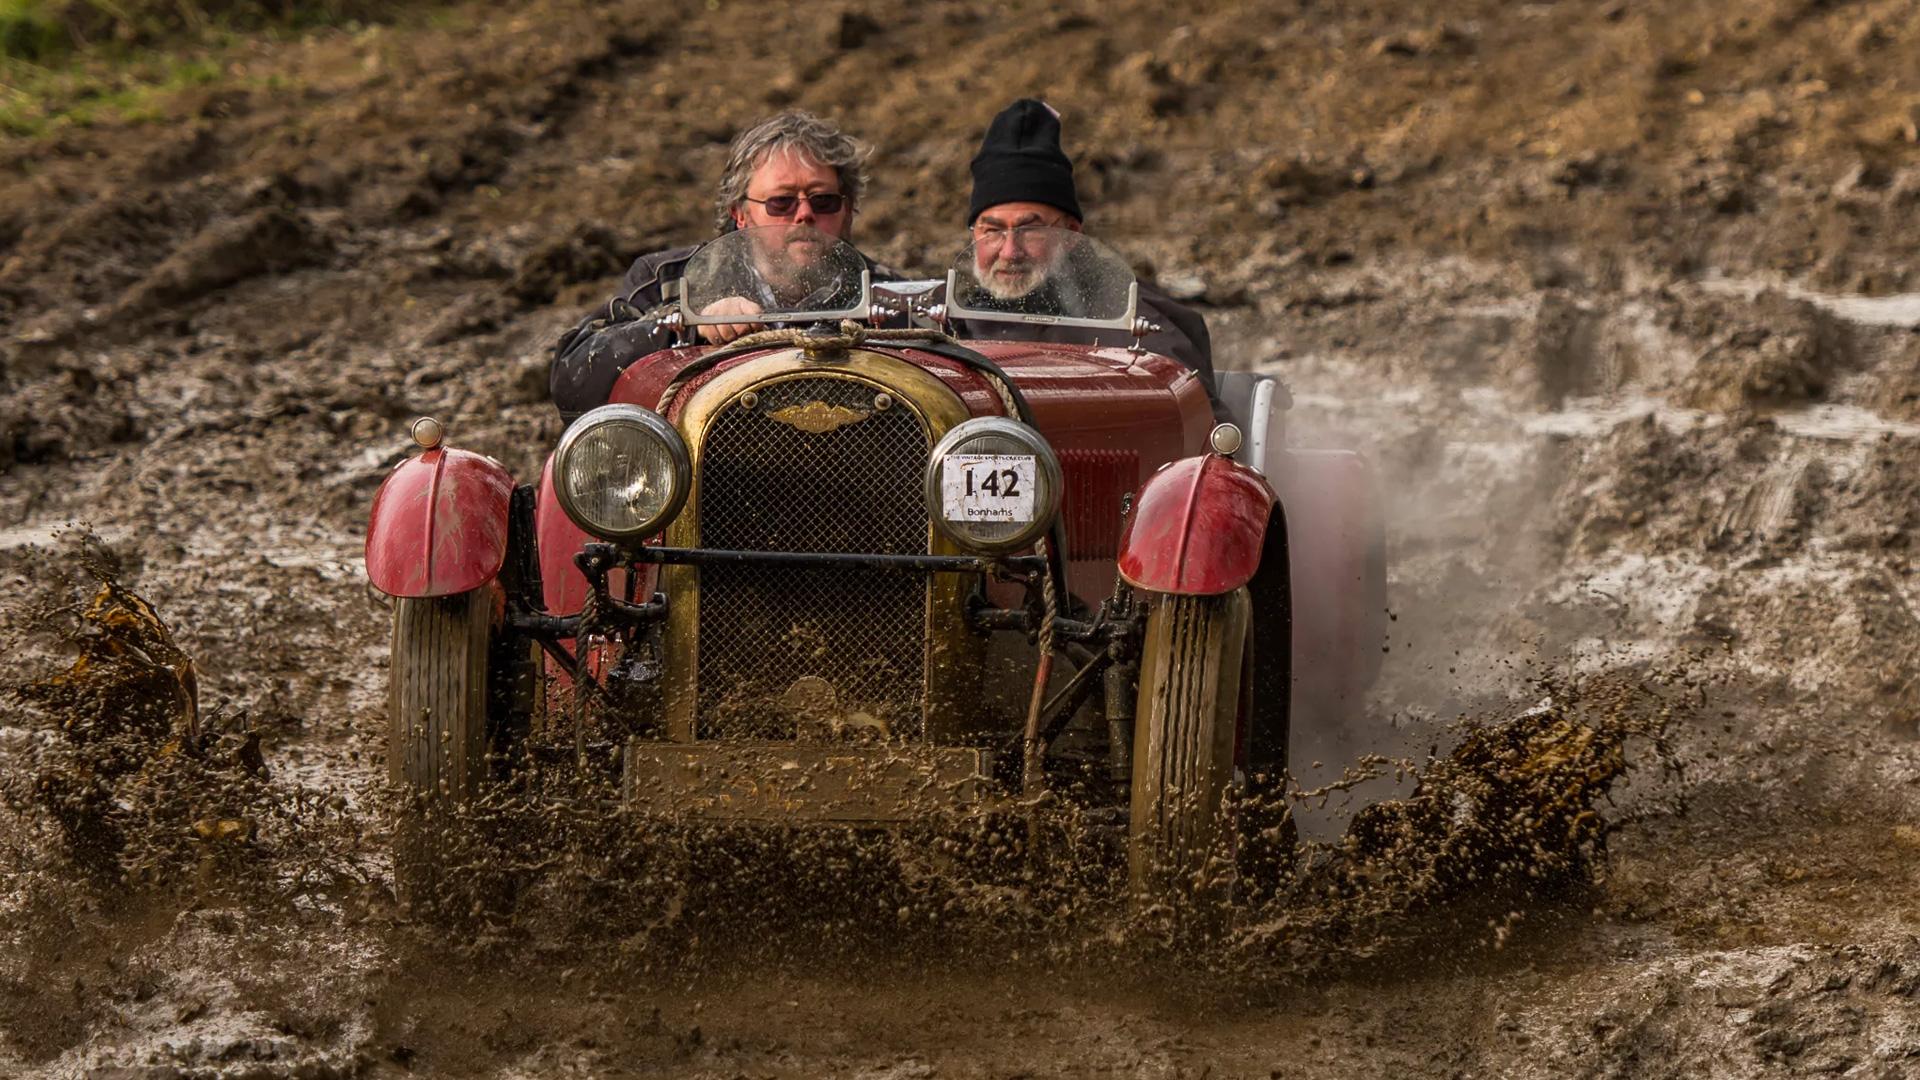 Самые странные виды автомобильных гонок. Фото 2